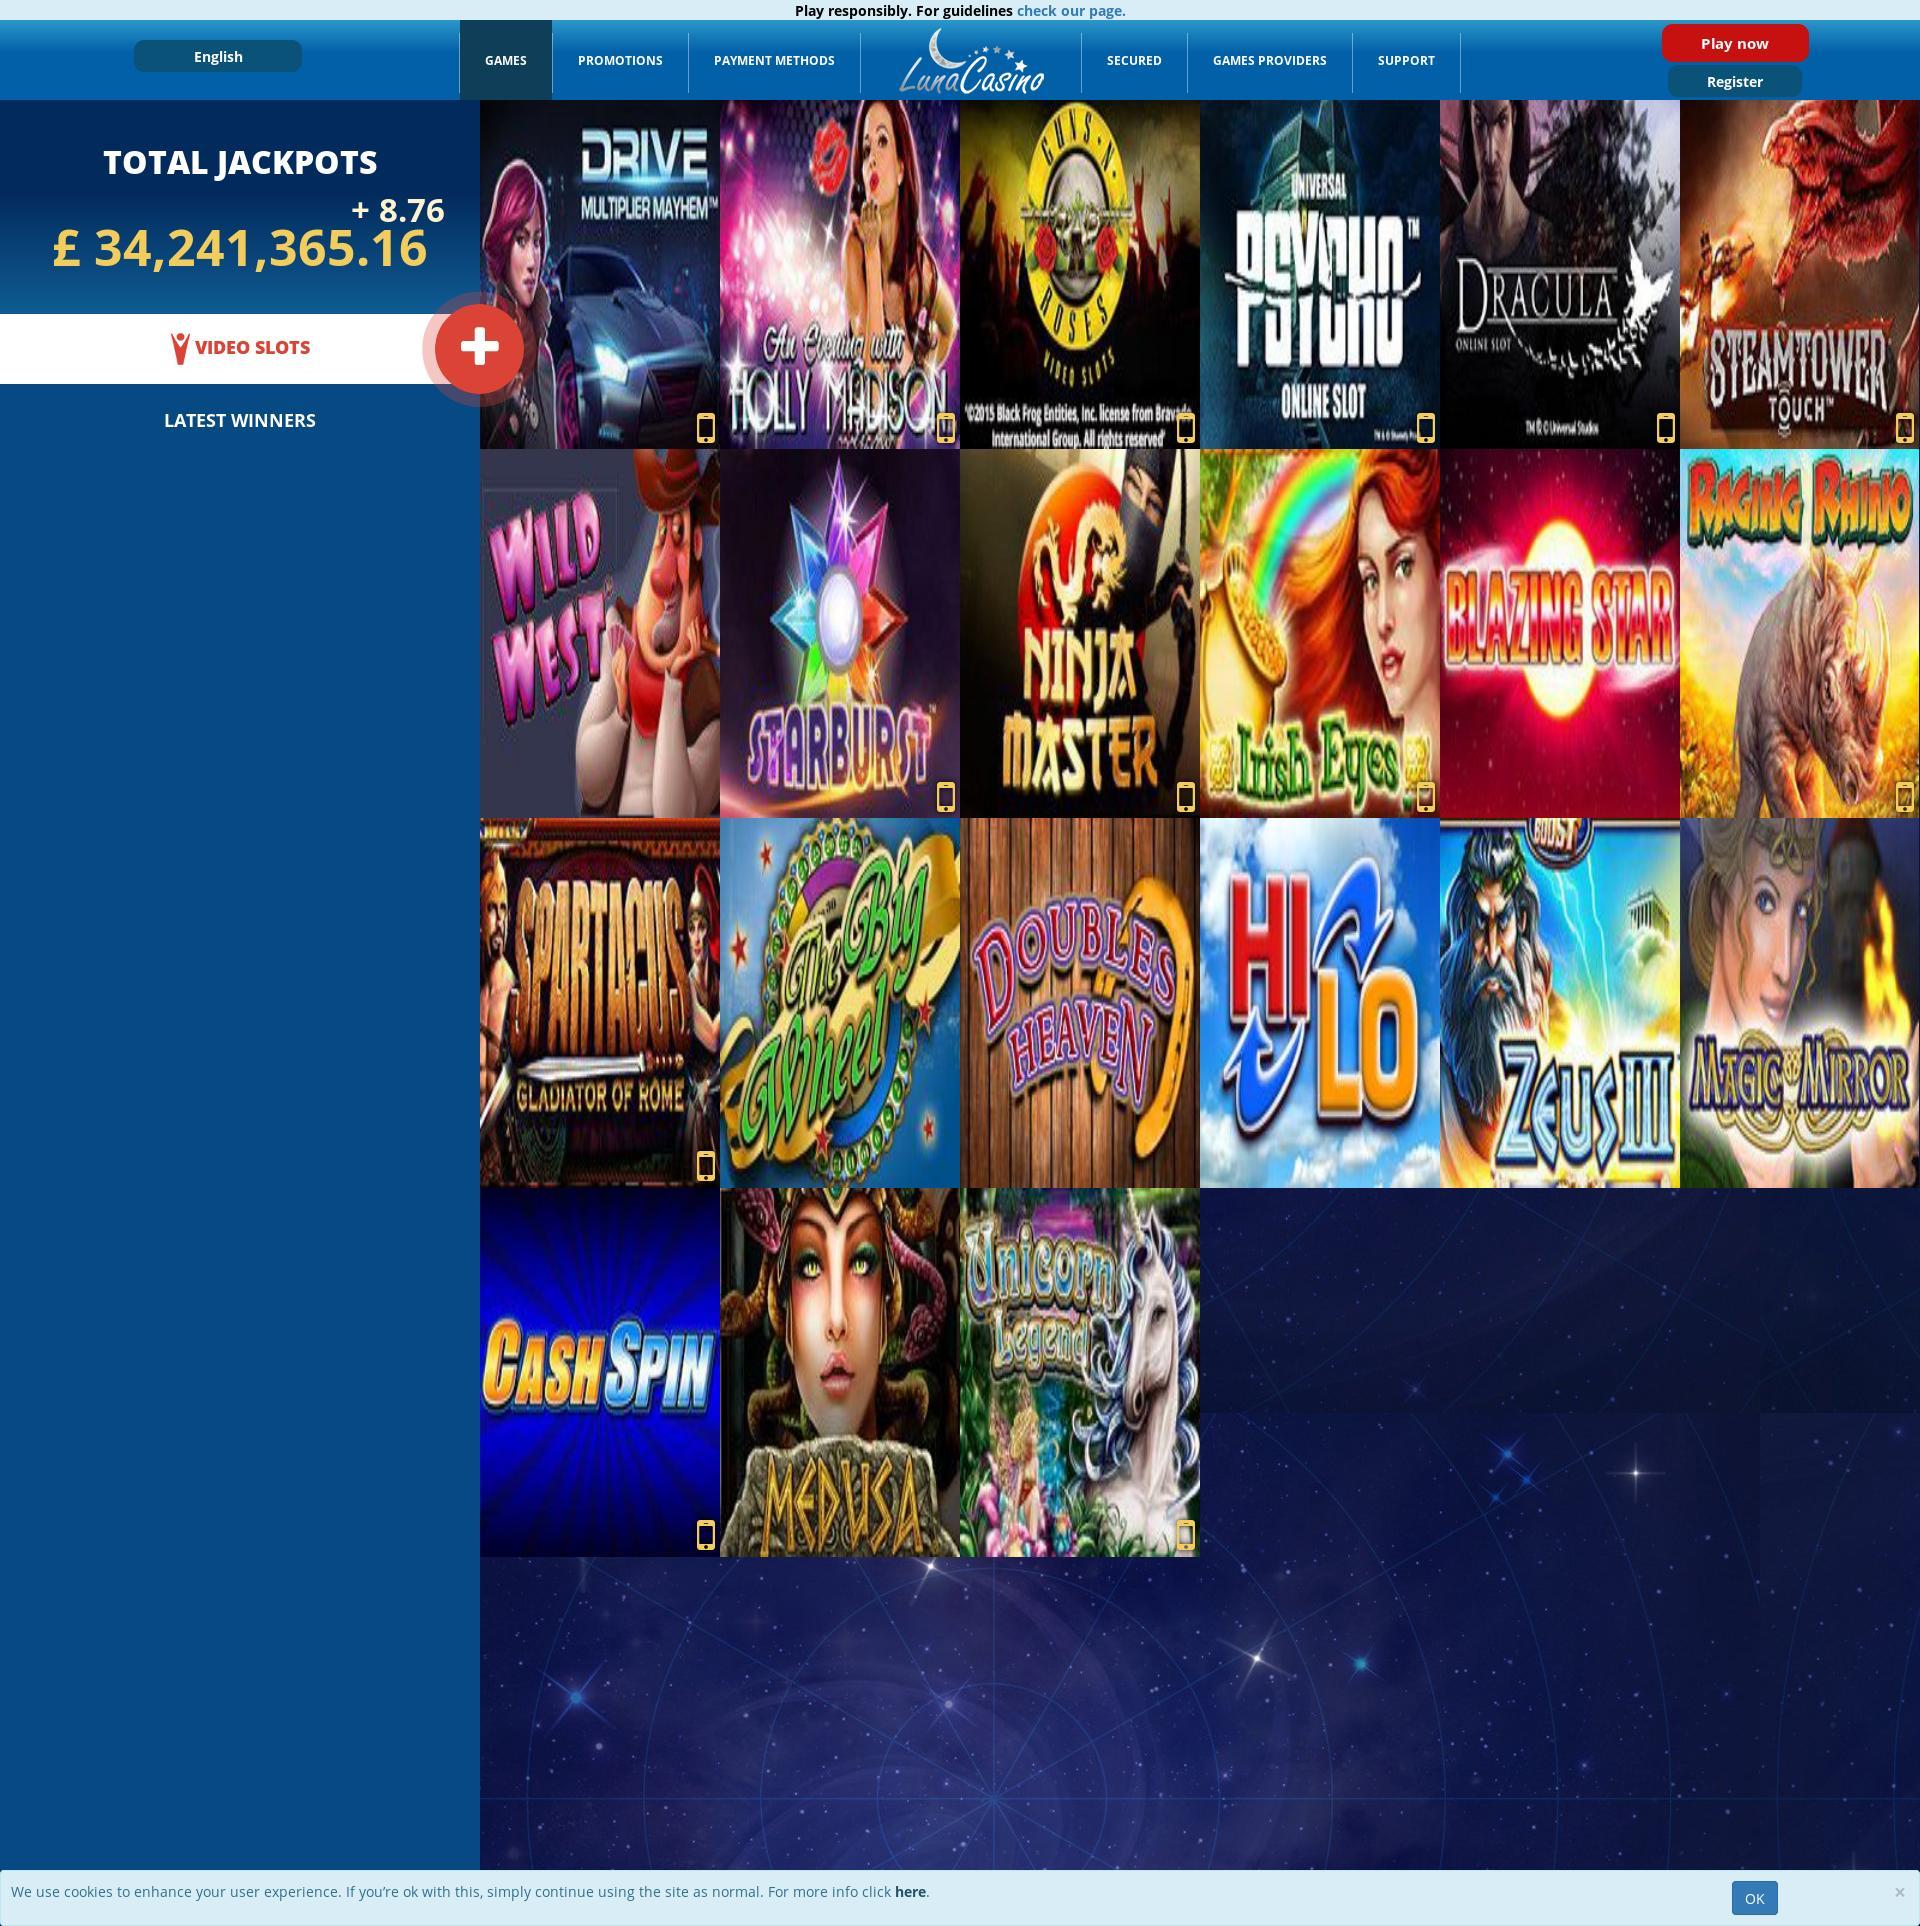 カジノのスクリーン Lobby 2020-06-01 ために イギリス